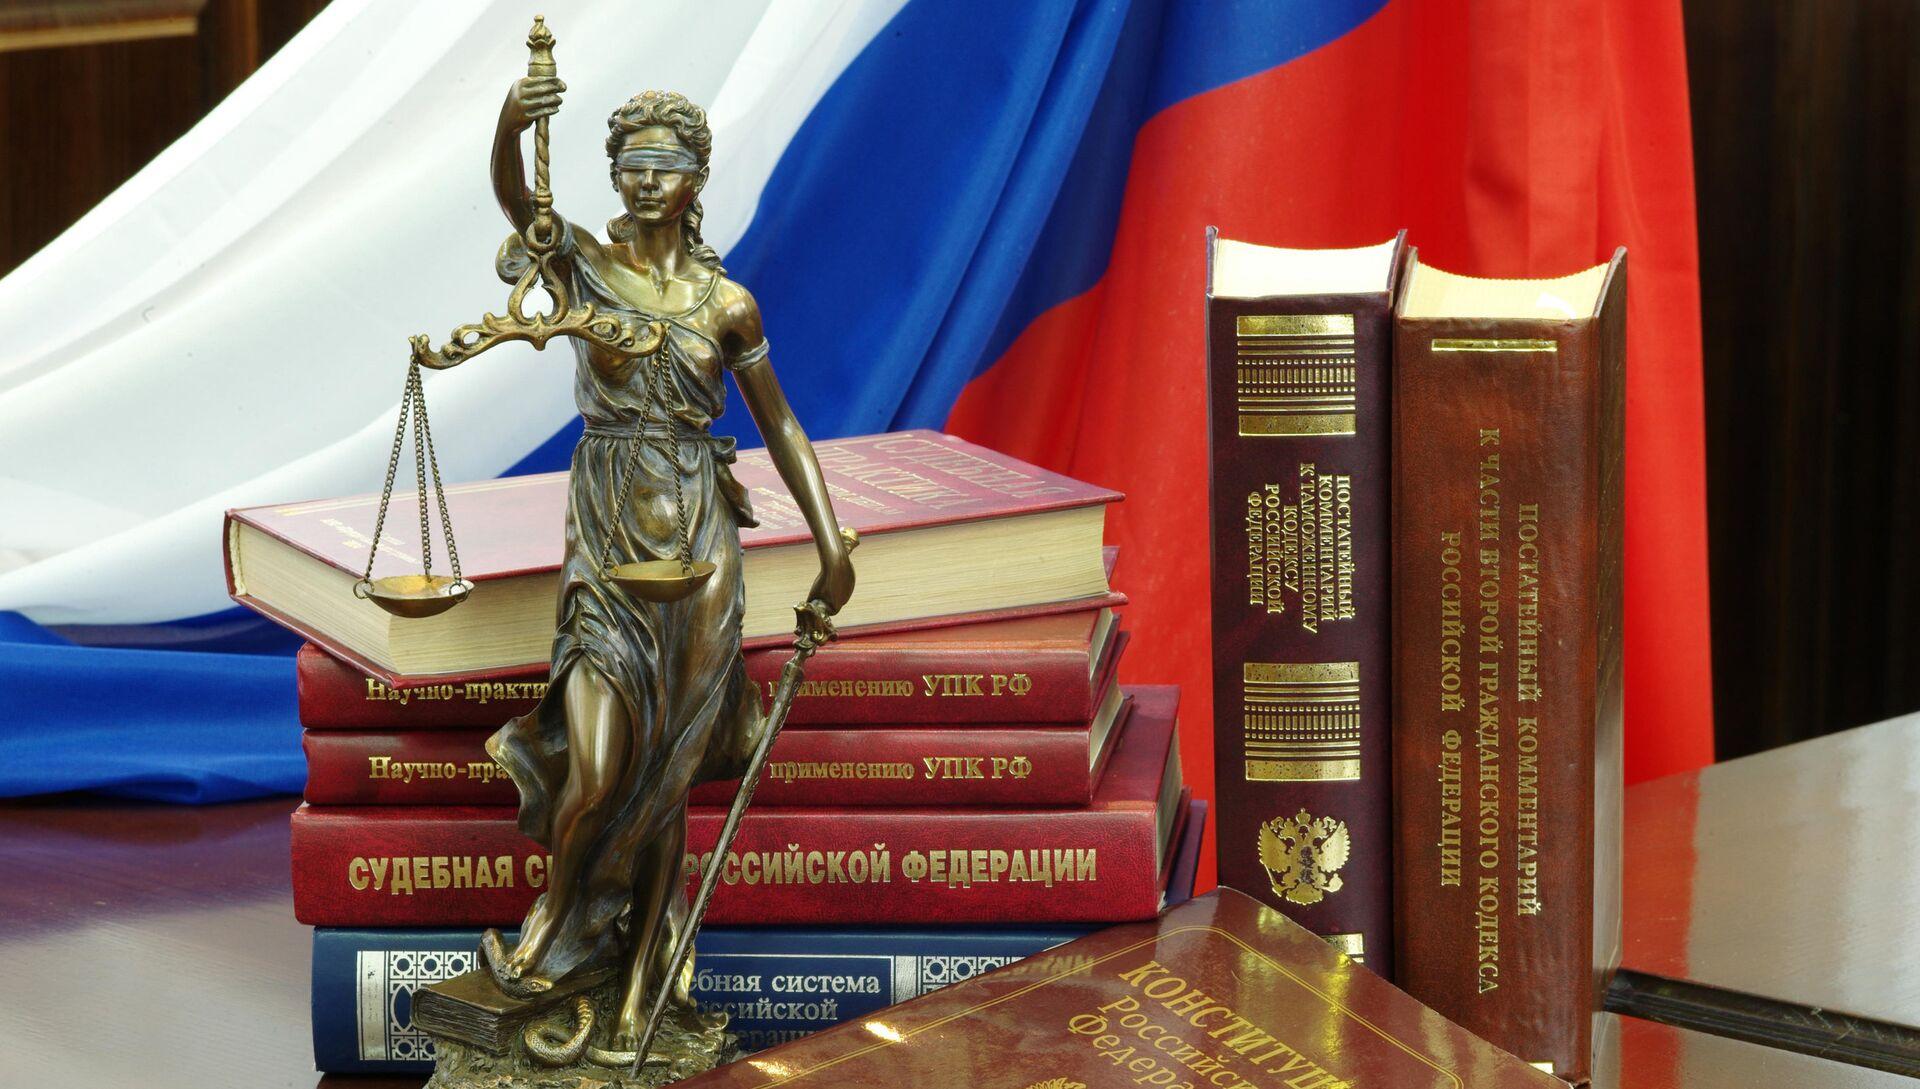 Зал судебных заседаний - РИА Новости, 1920, 12.11.2020